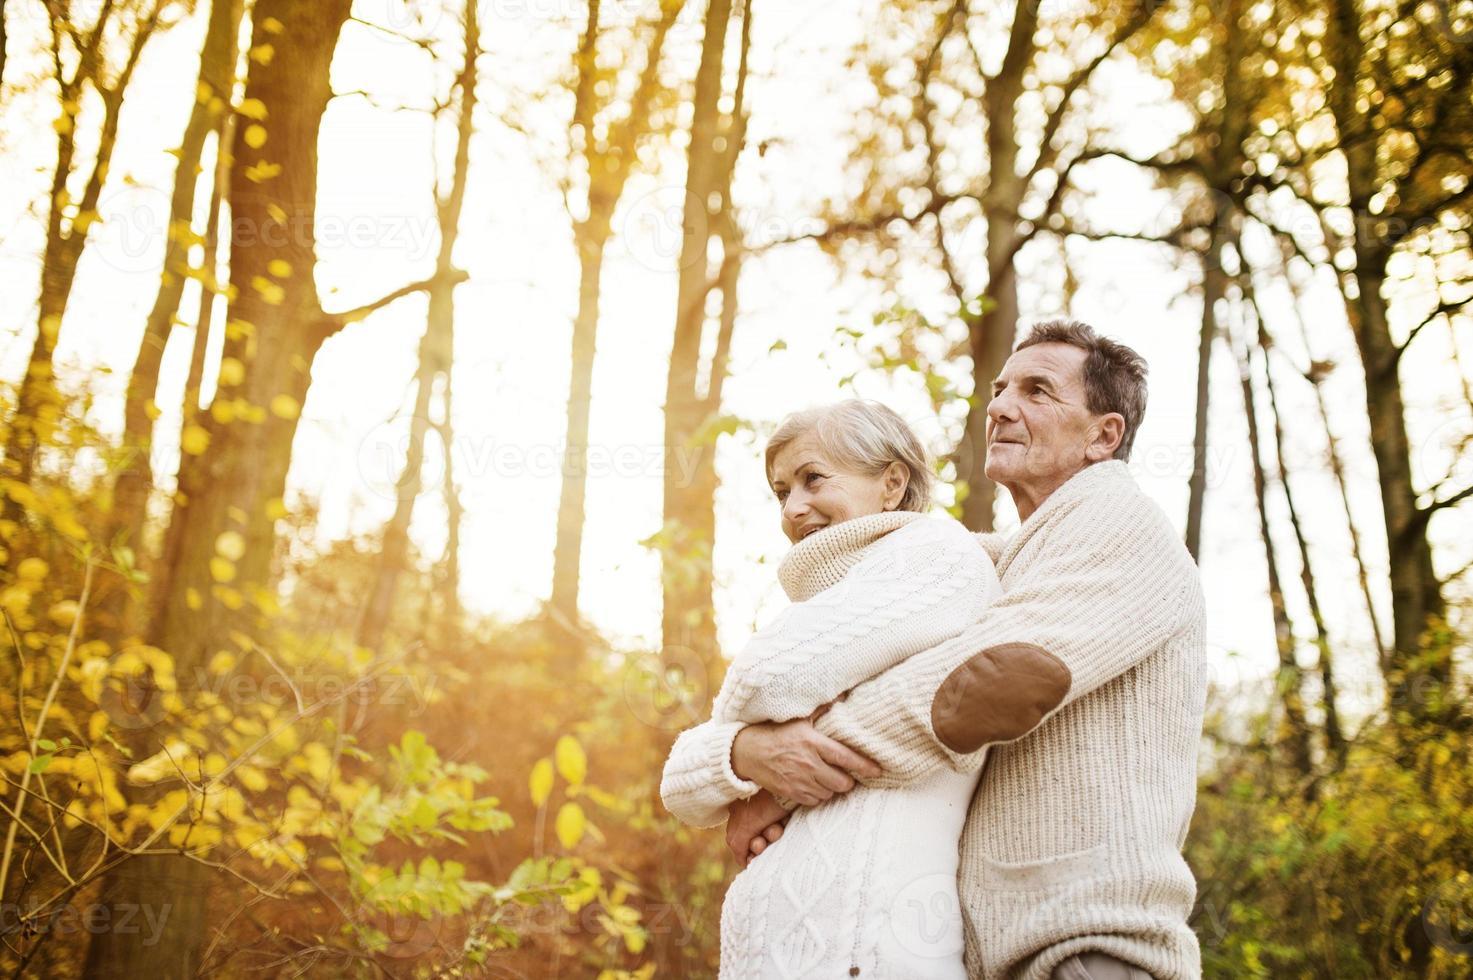 personas mayores activas que caminan en la naturaleza foto